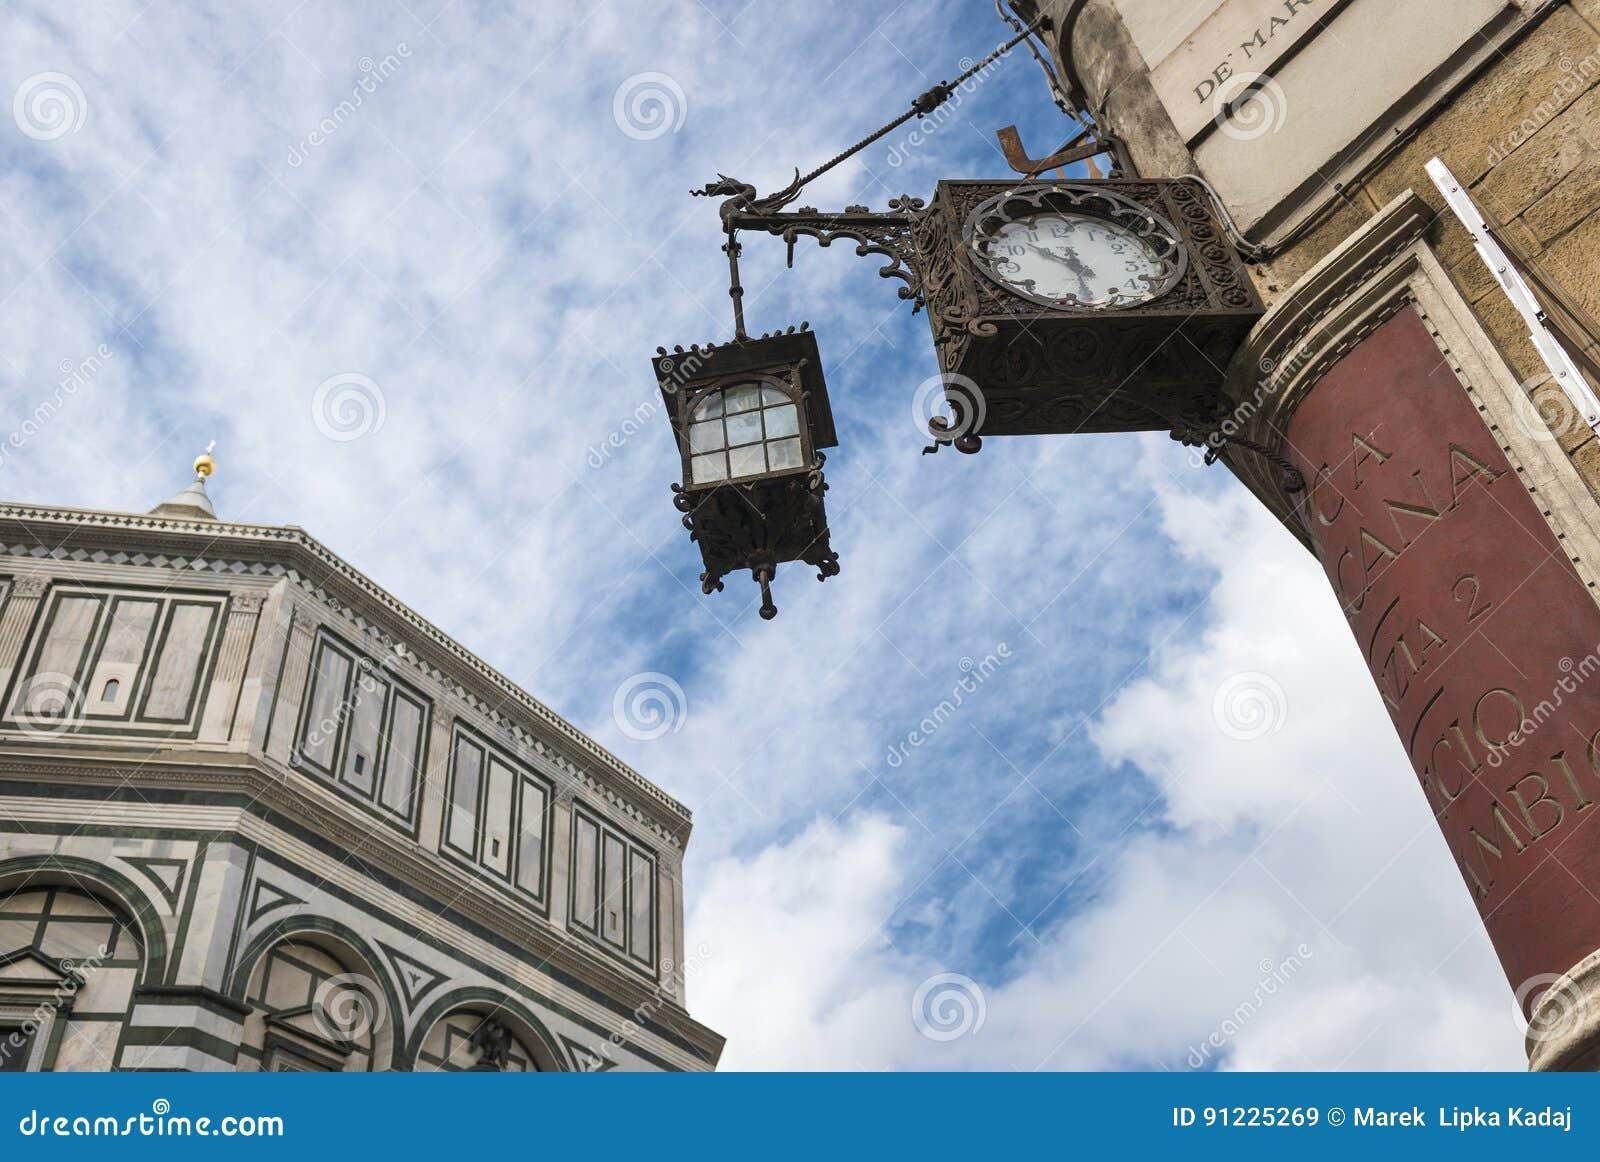 Ιστορικά και σύγχρονα αρχιτεκτονικά στοιχεία στο τοπίο της Φλωρεντίας